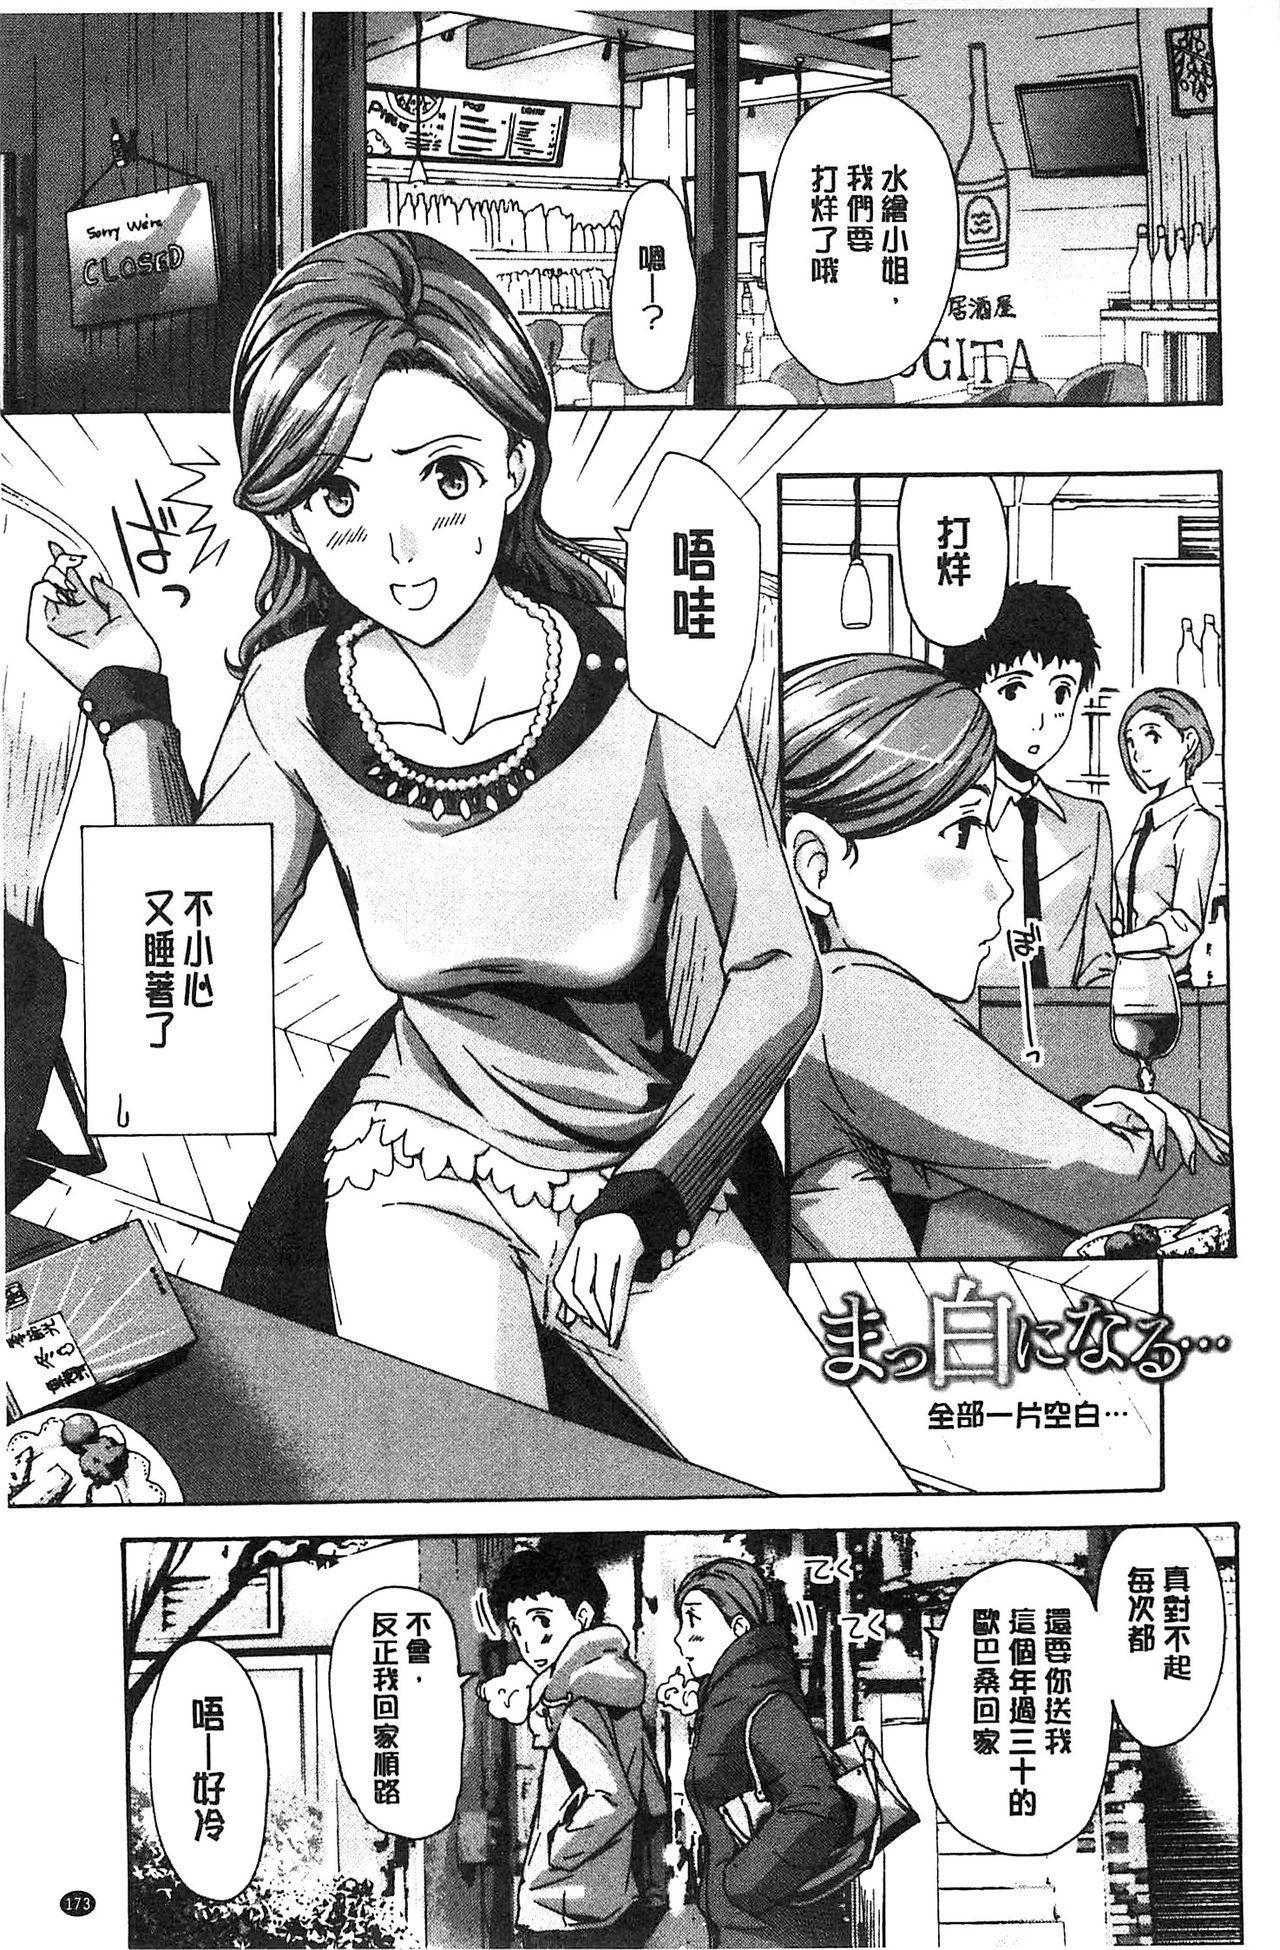 Watashito Iikoto Shiyo? 179